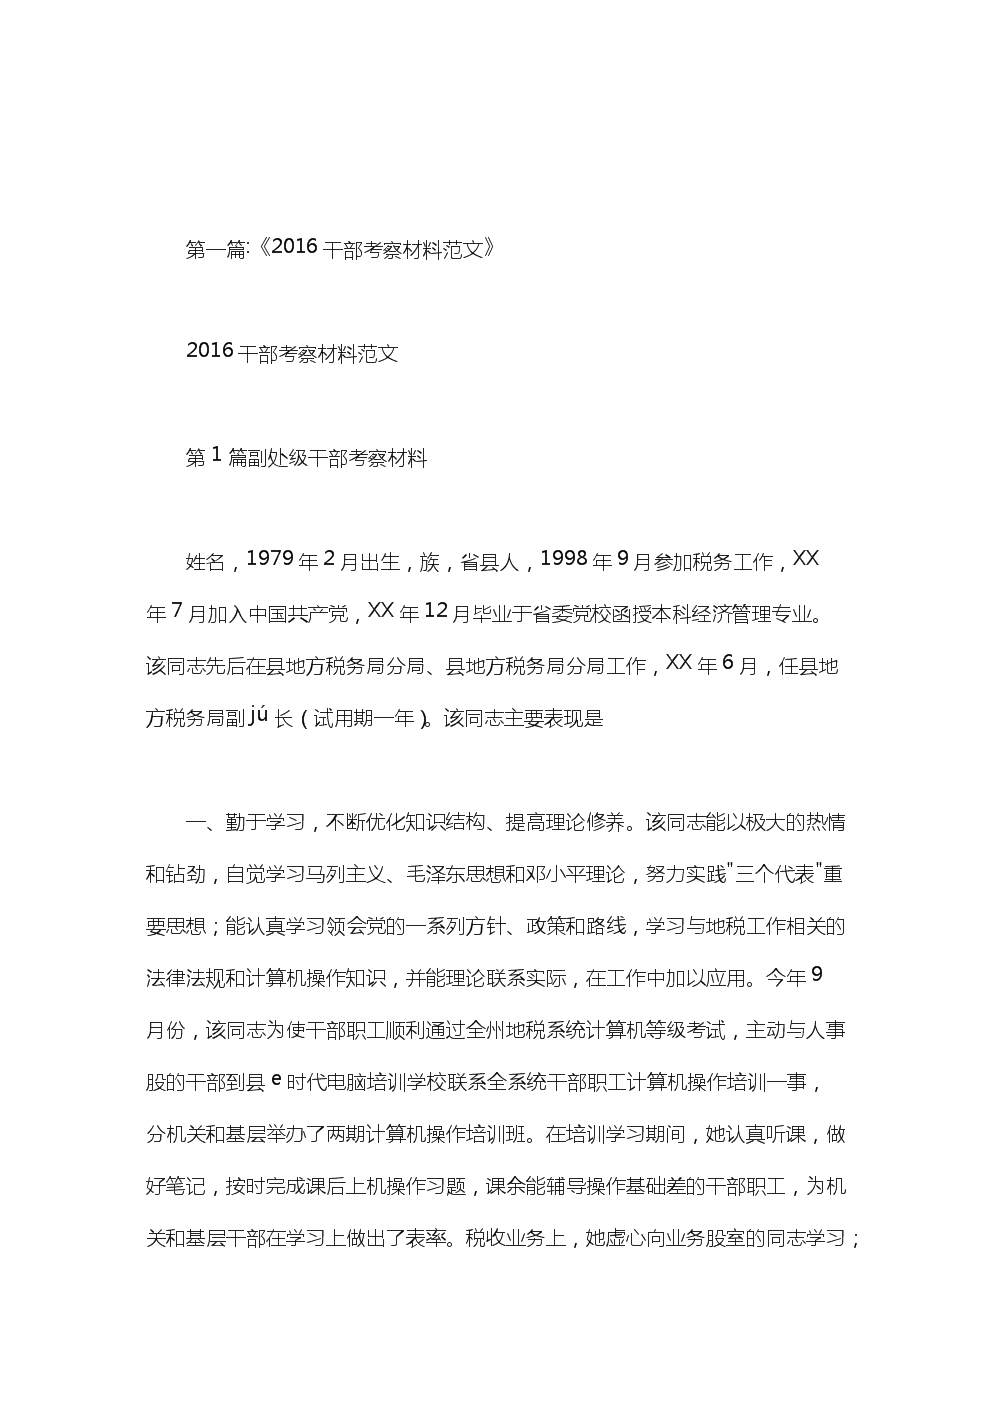 中层干部考察材料范文范文.doc